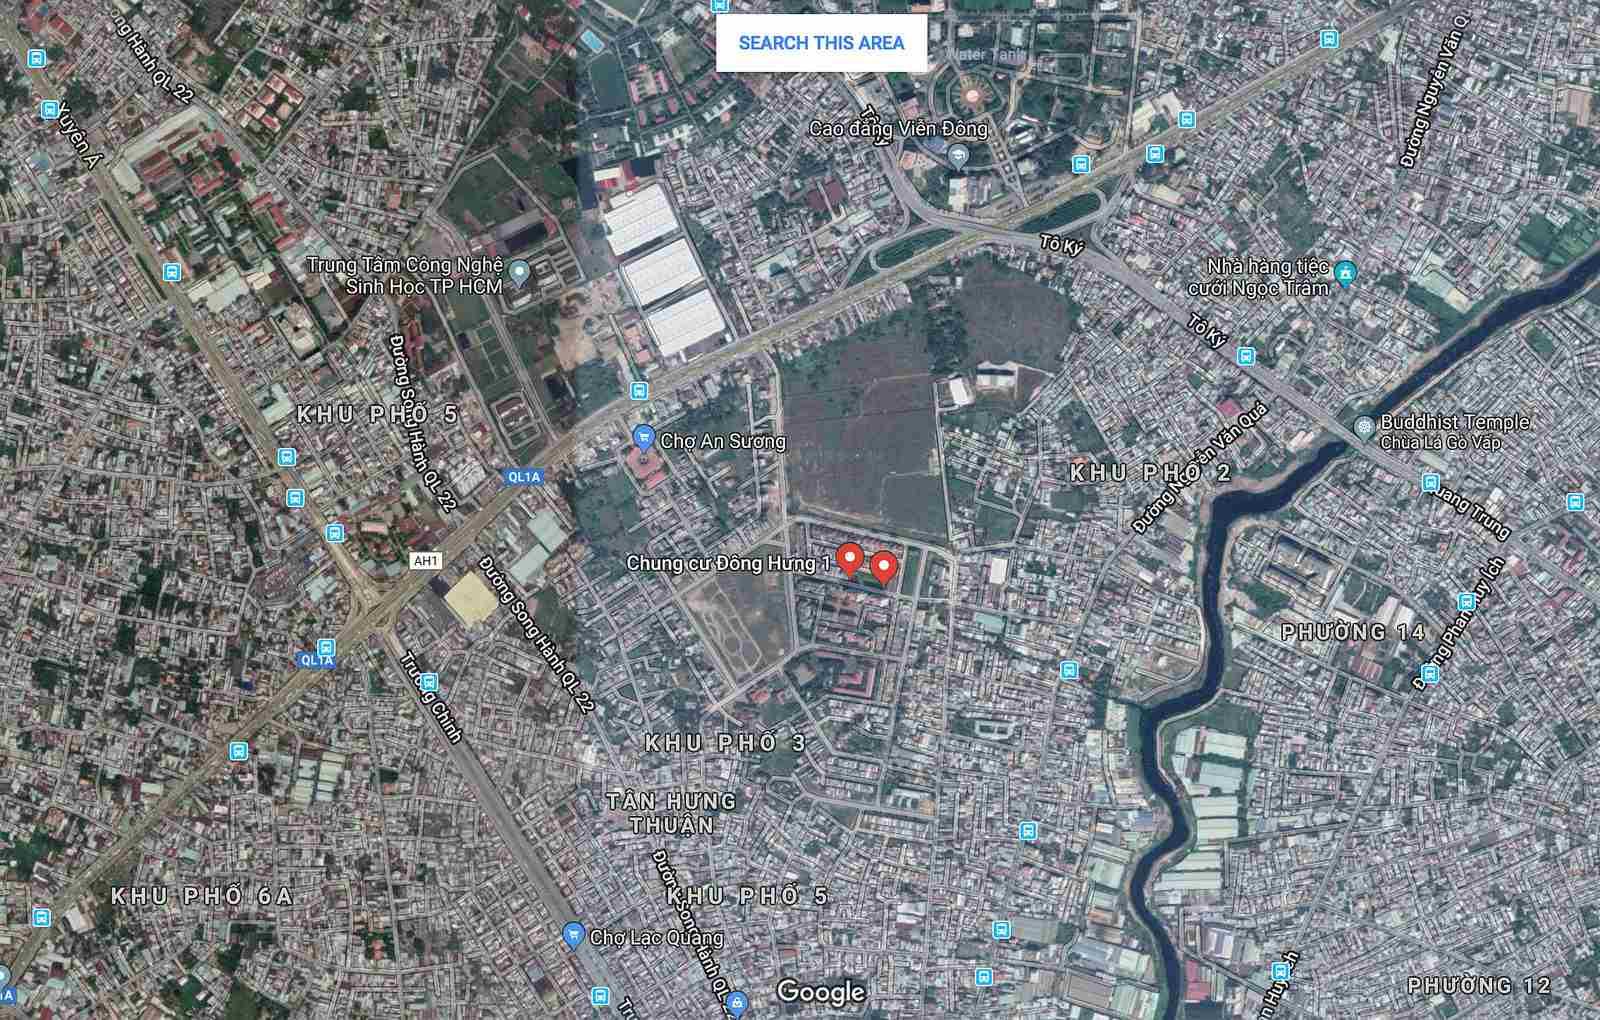 I-Park - Tổng-quan-dự-án-căn-hộ-chung-cư-Centeria-Đông-Thuận-Quận-12-vị trí